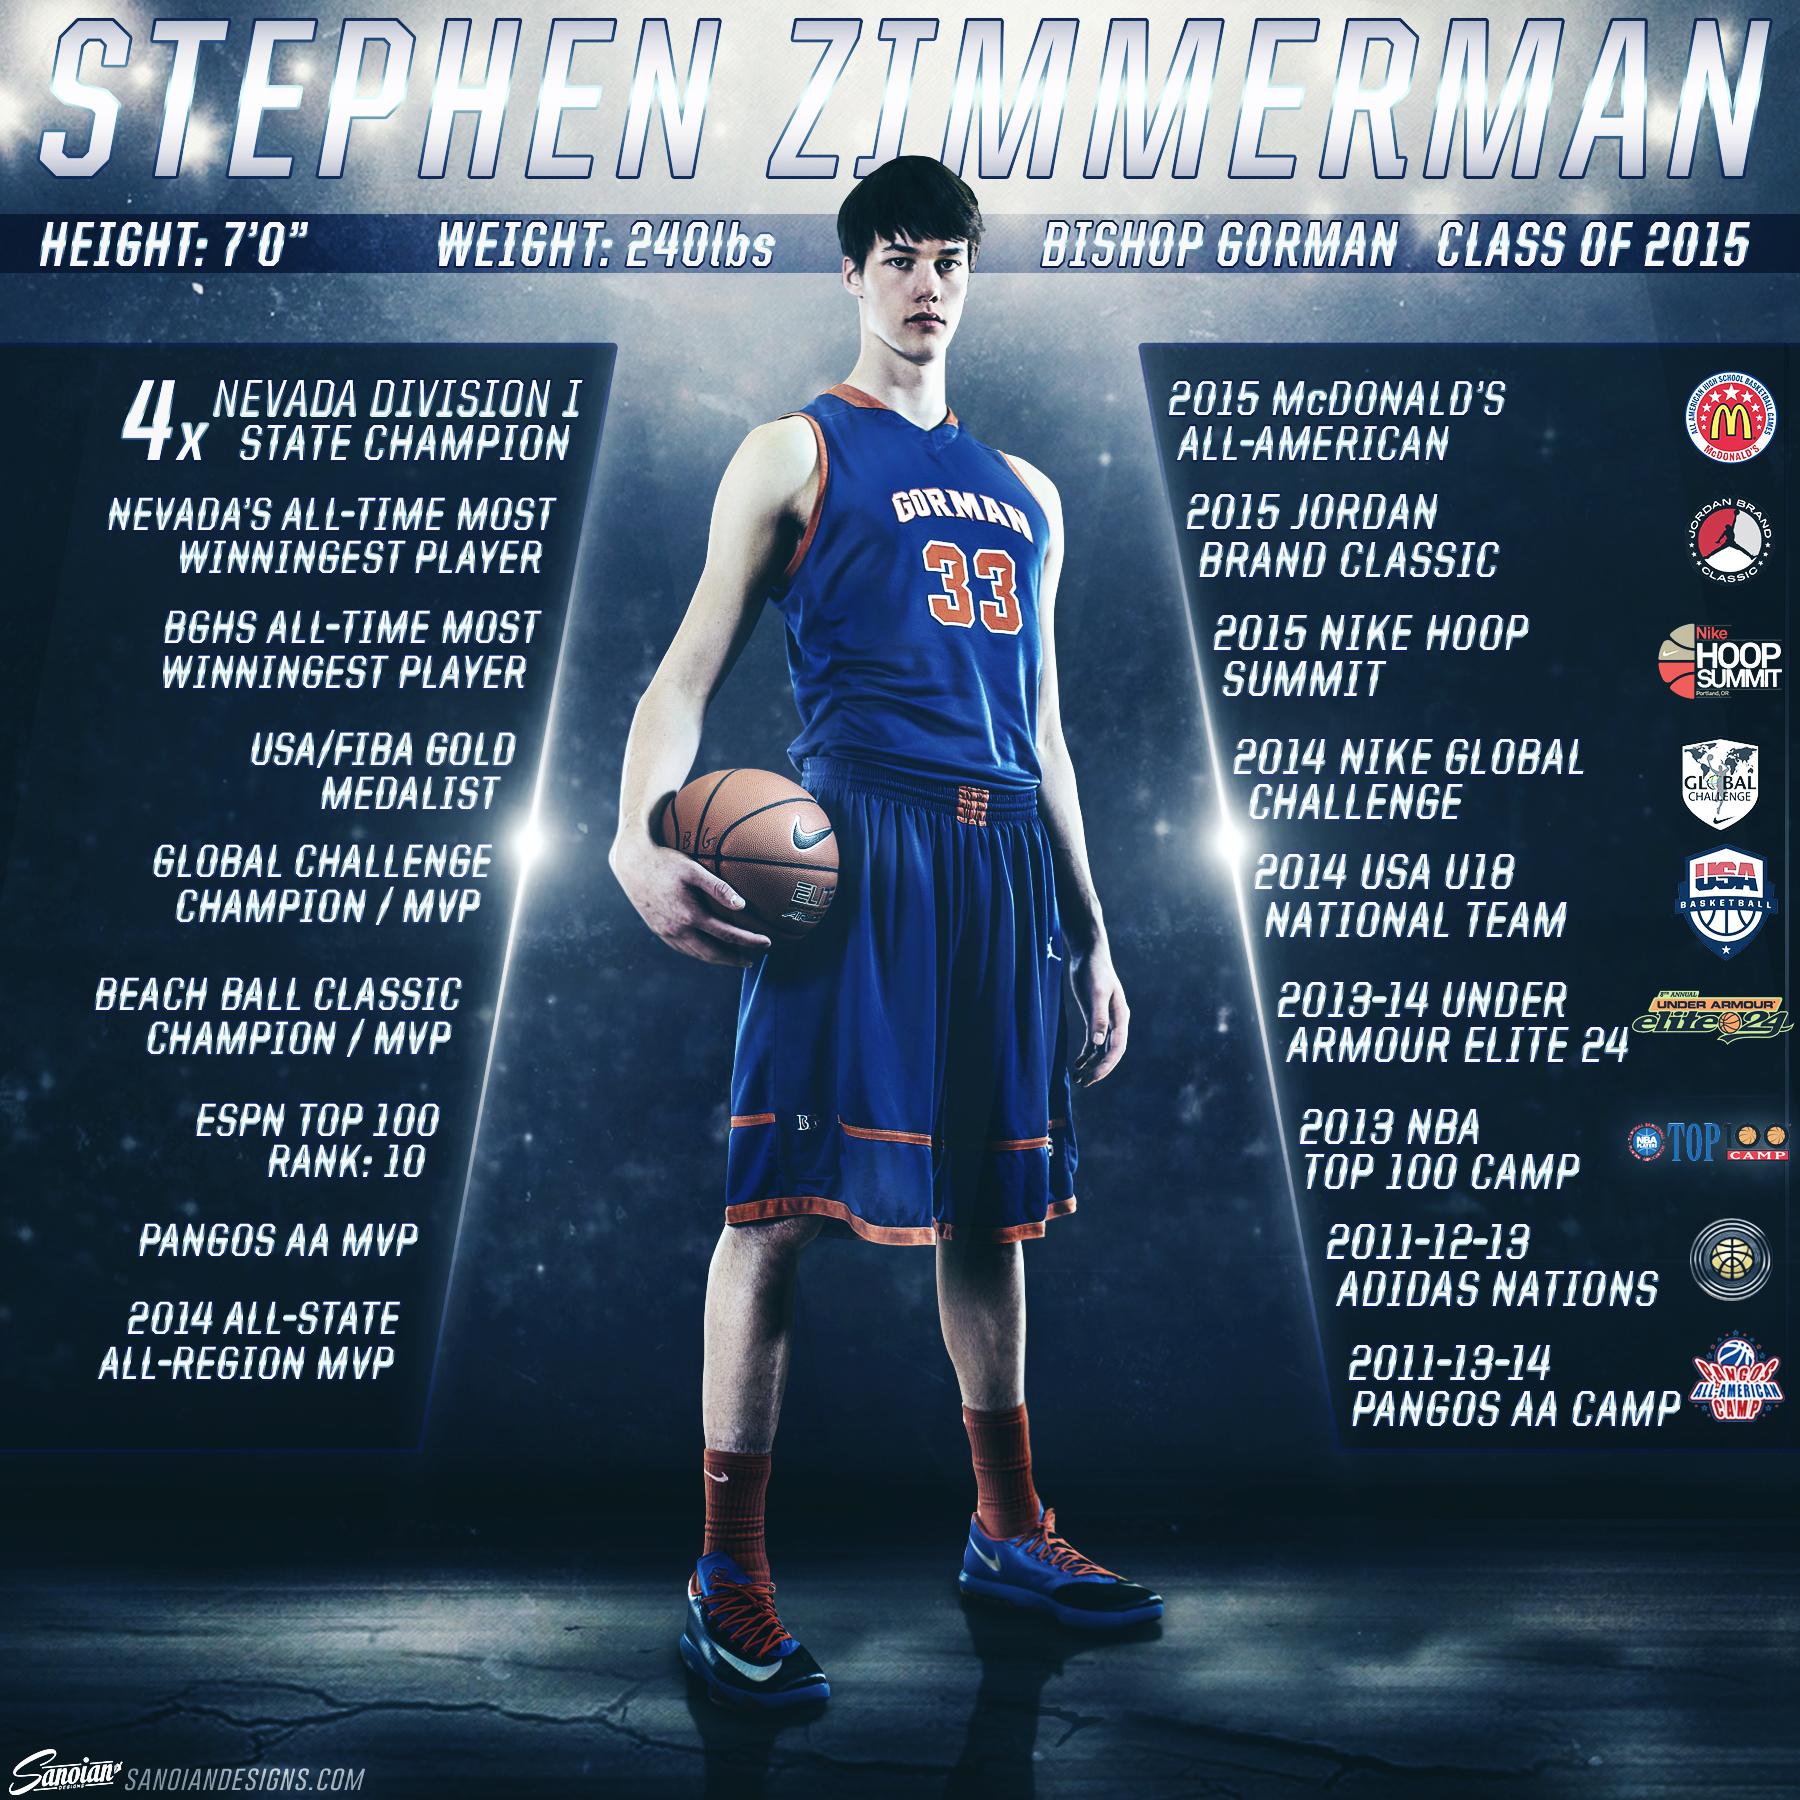 Stephen Zimmerman - Bishop Gorman